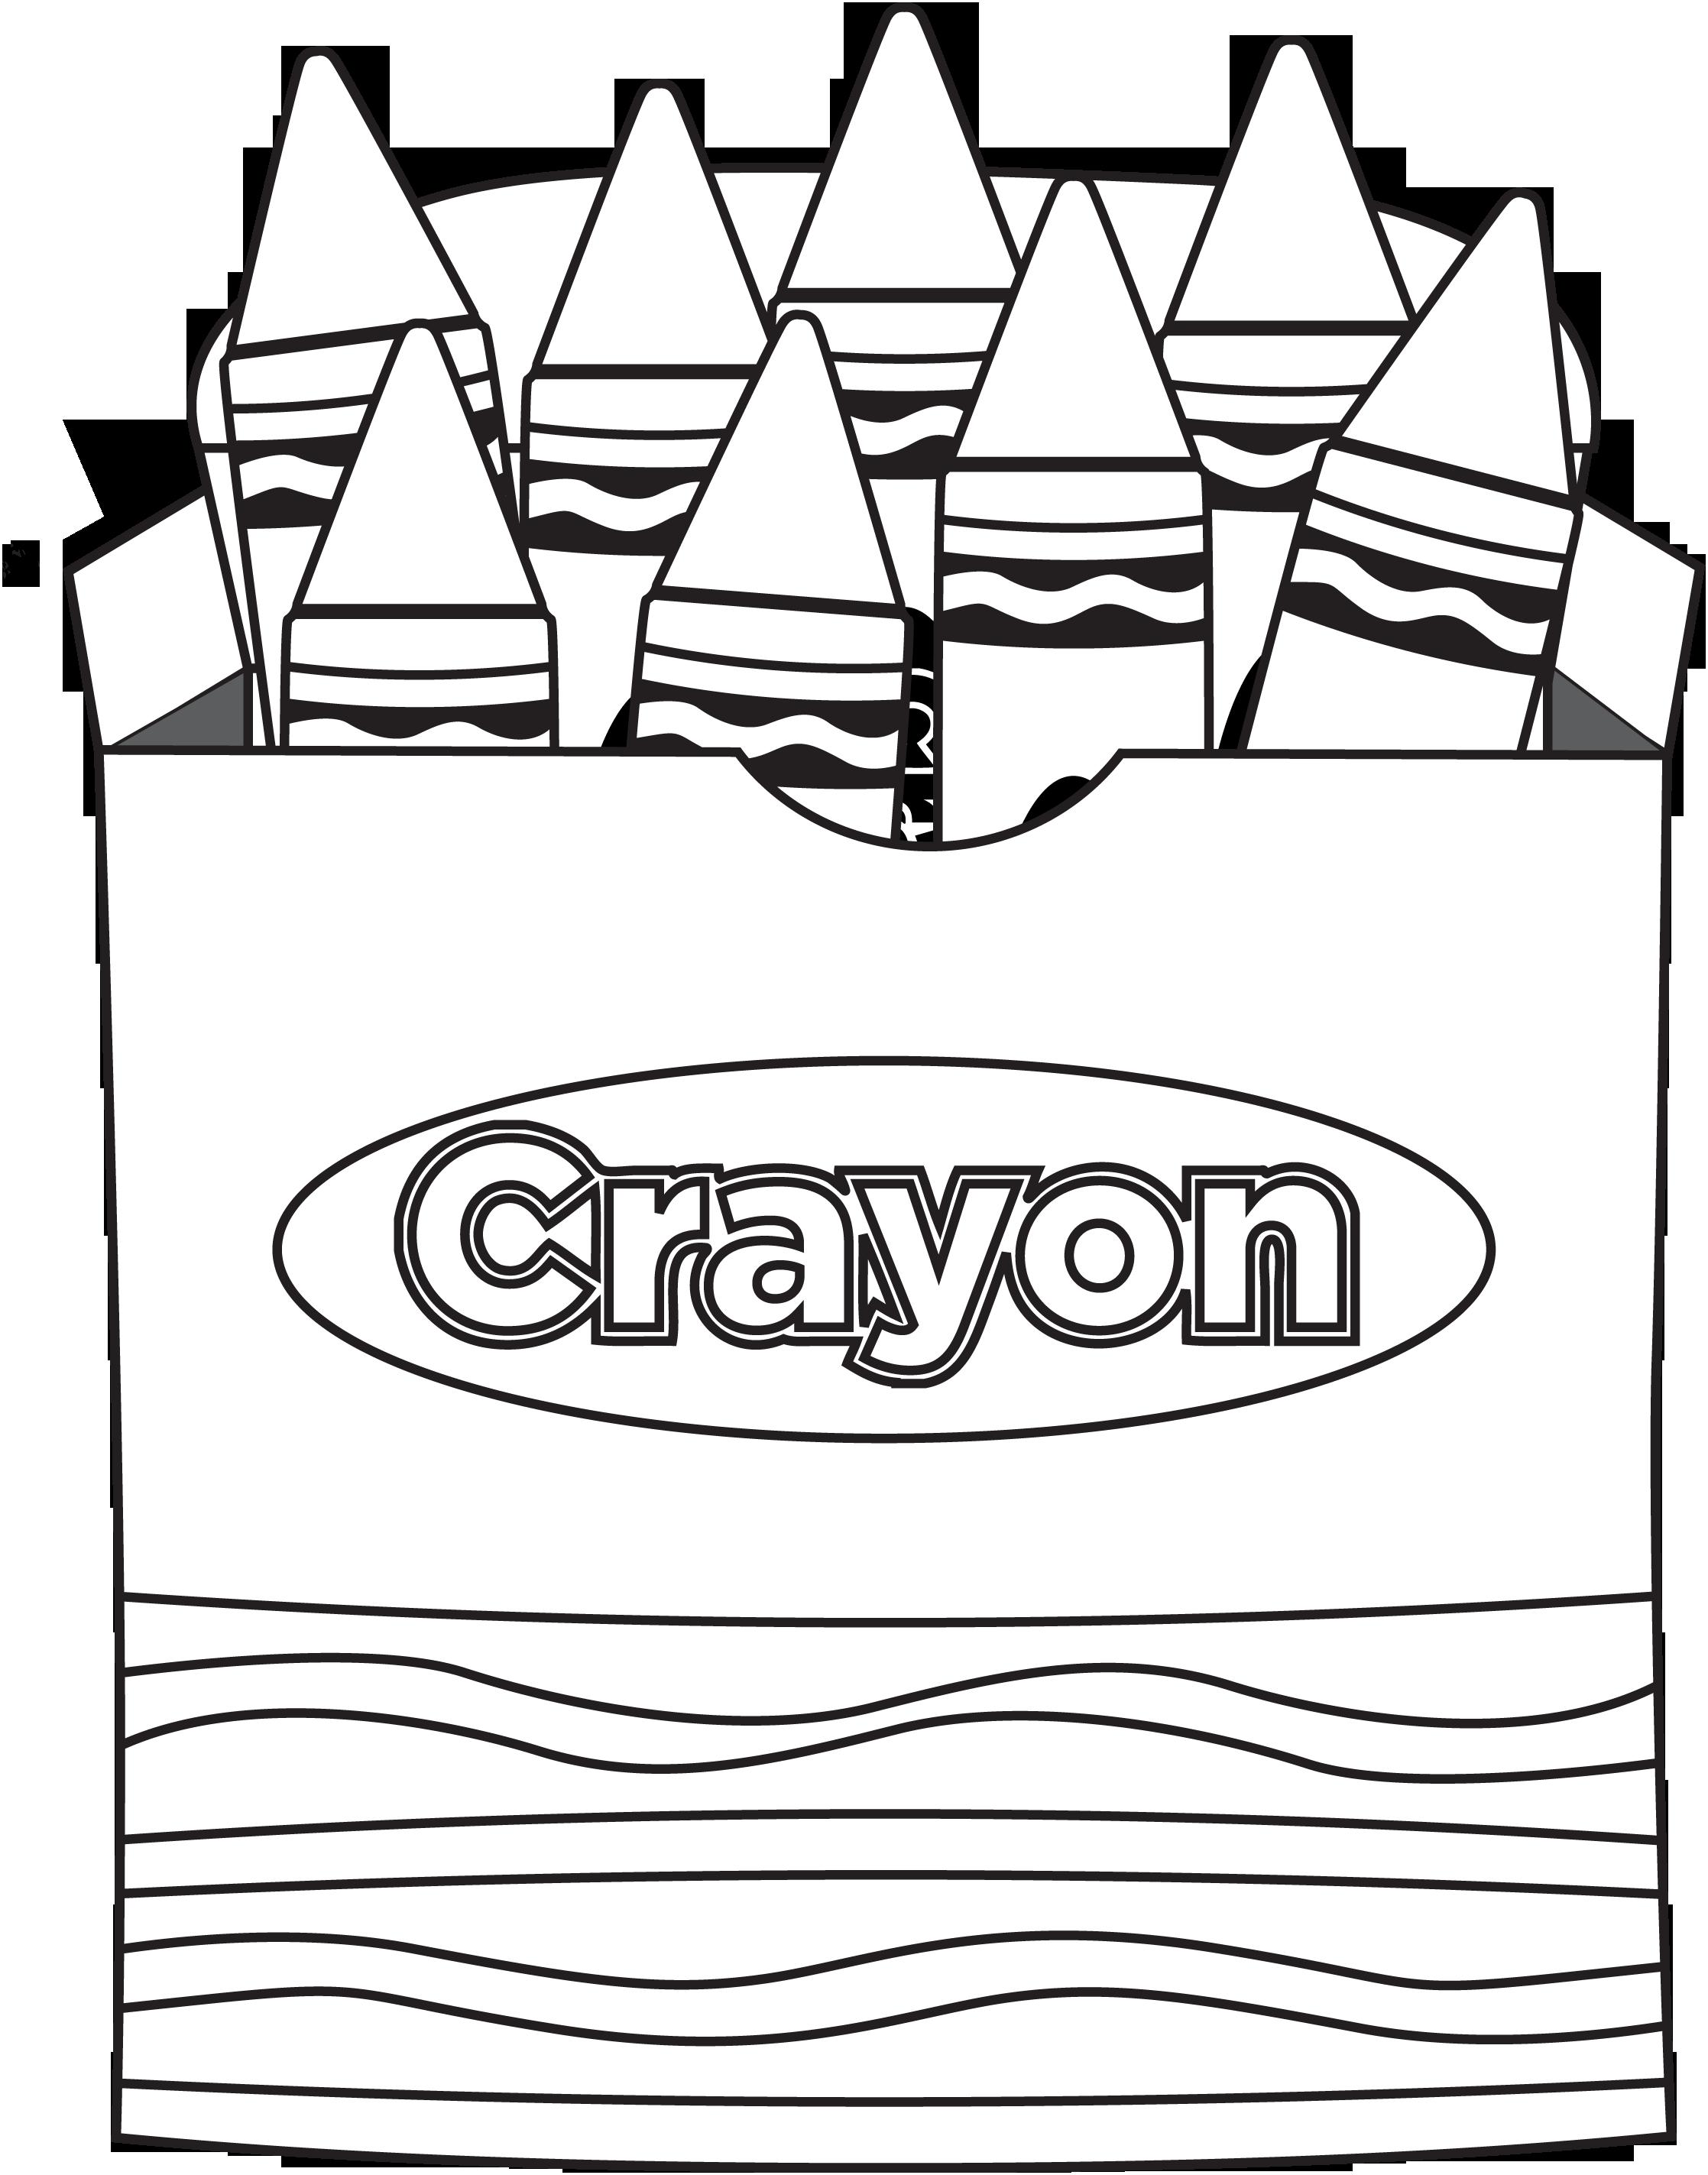 Crayon Box Png Crayon Box That Talked Coloring Page Crayola Crayon Coloring Page 780137 Vippng